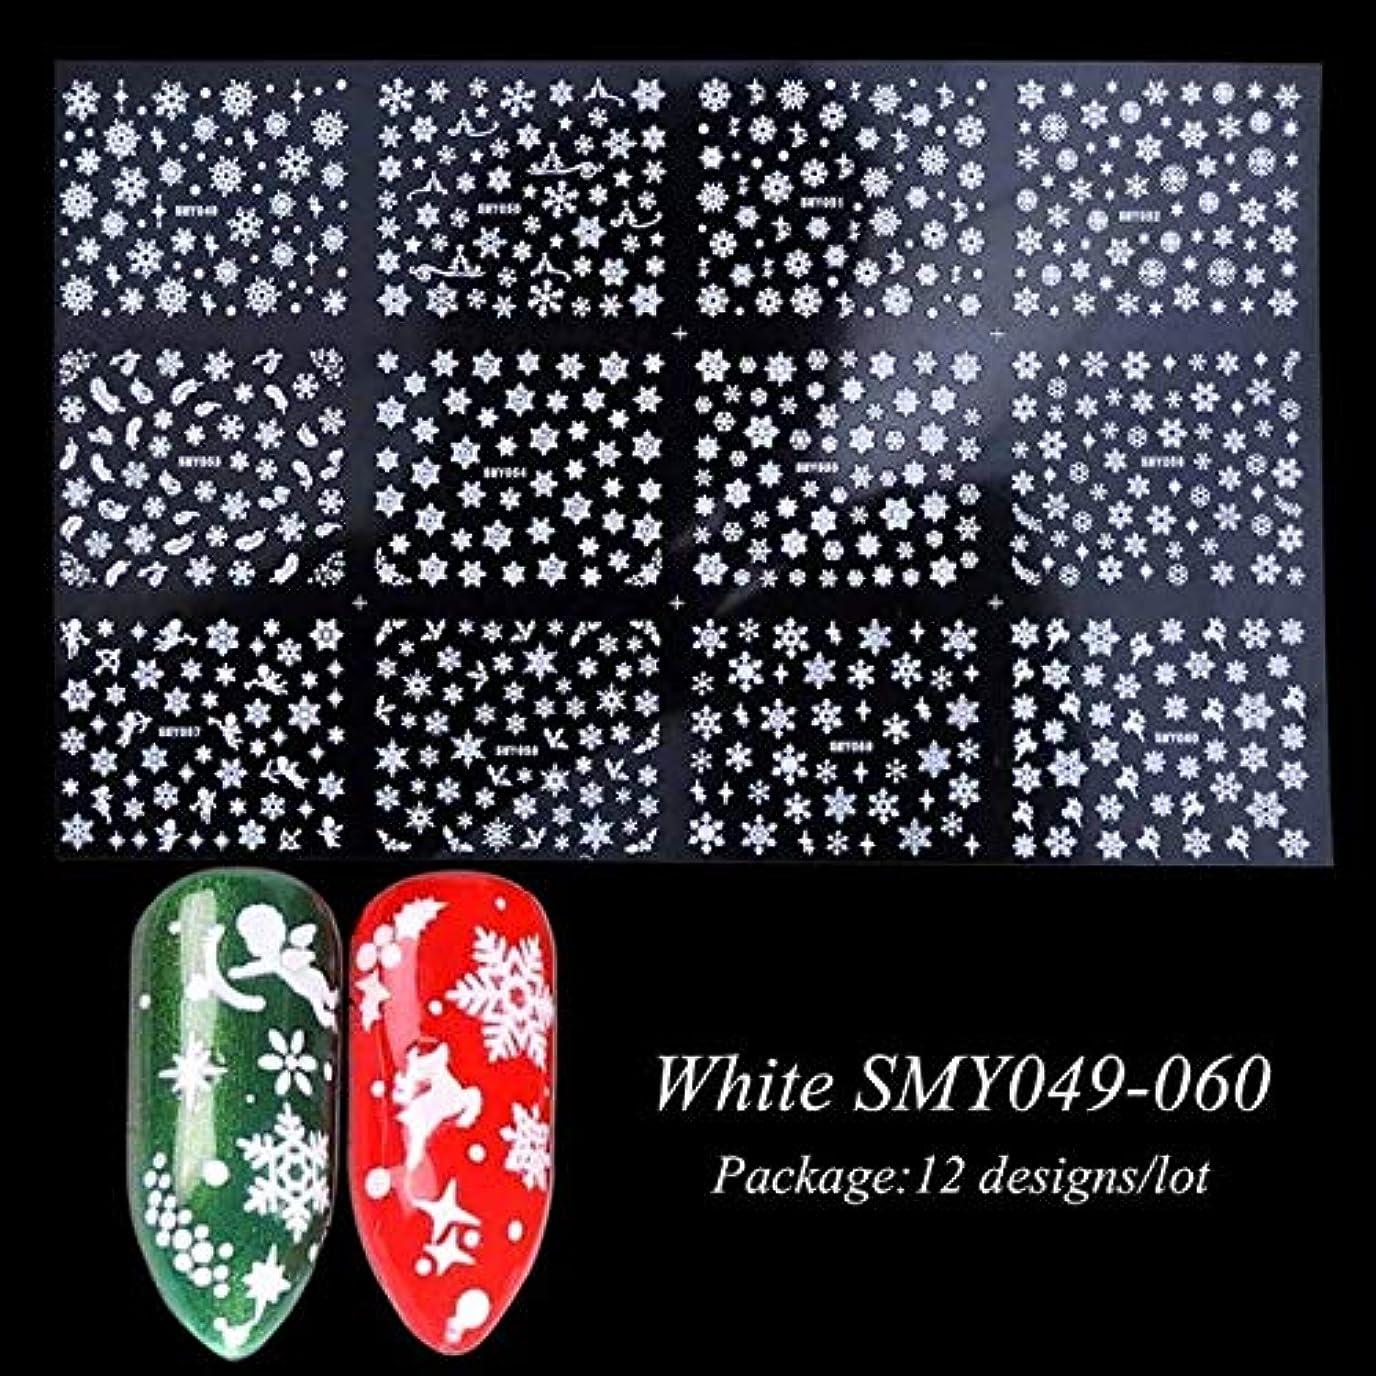 ポータブル退屈させる止まるSUKTI&XIAO ネイルステッカー 12デザイン3Dネイルアートステッカースタイルスライダーネイルデカール接着剤マニキュアゴールドシルバーチャーム装飾のヒント